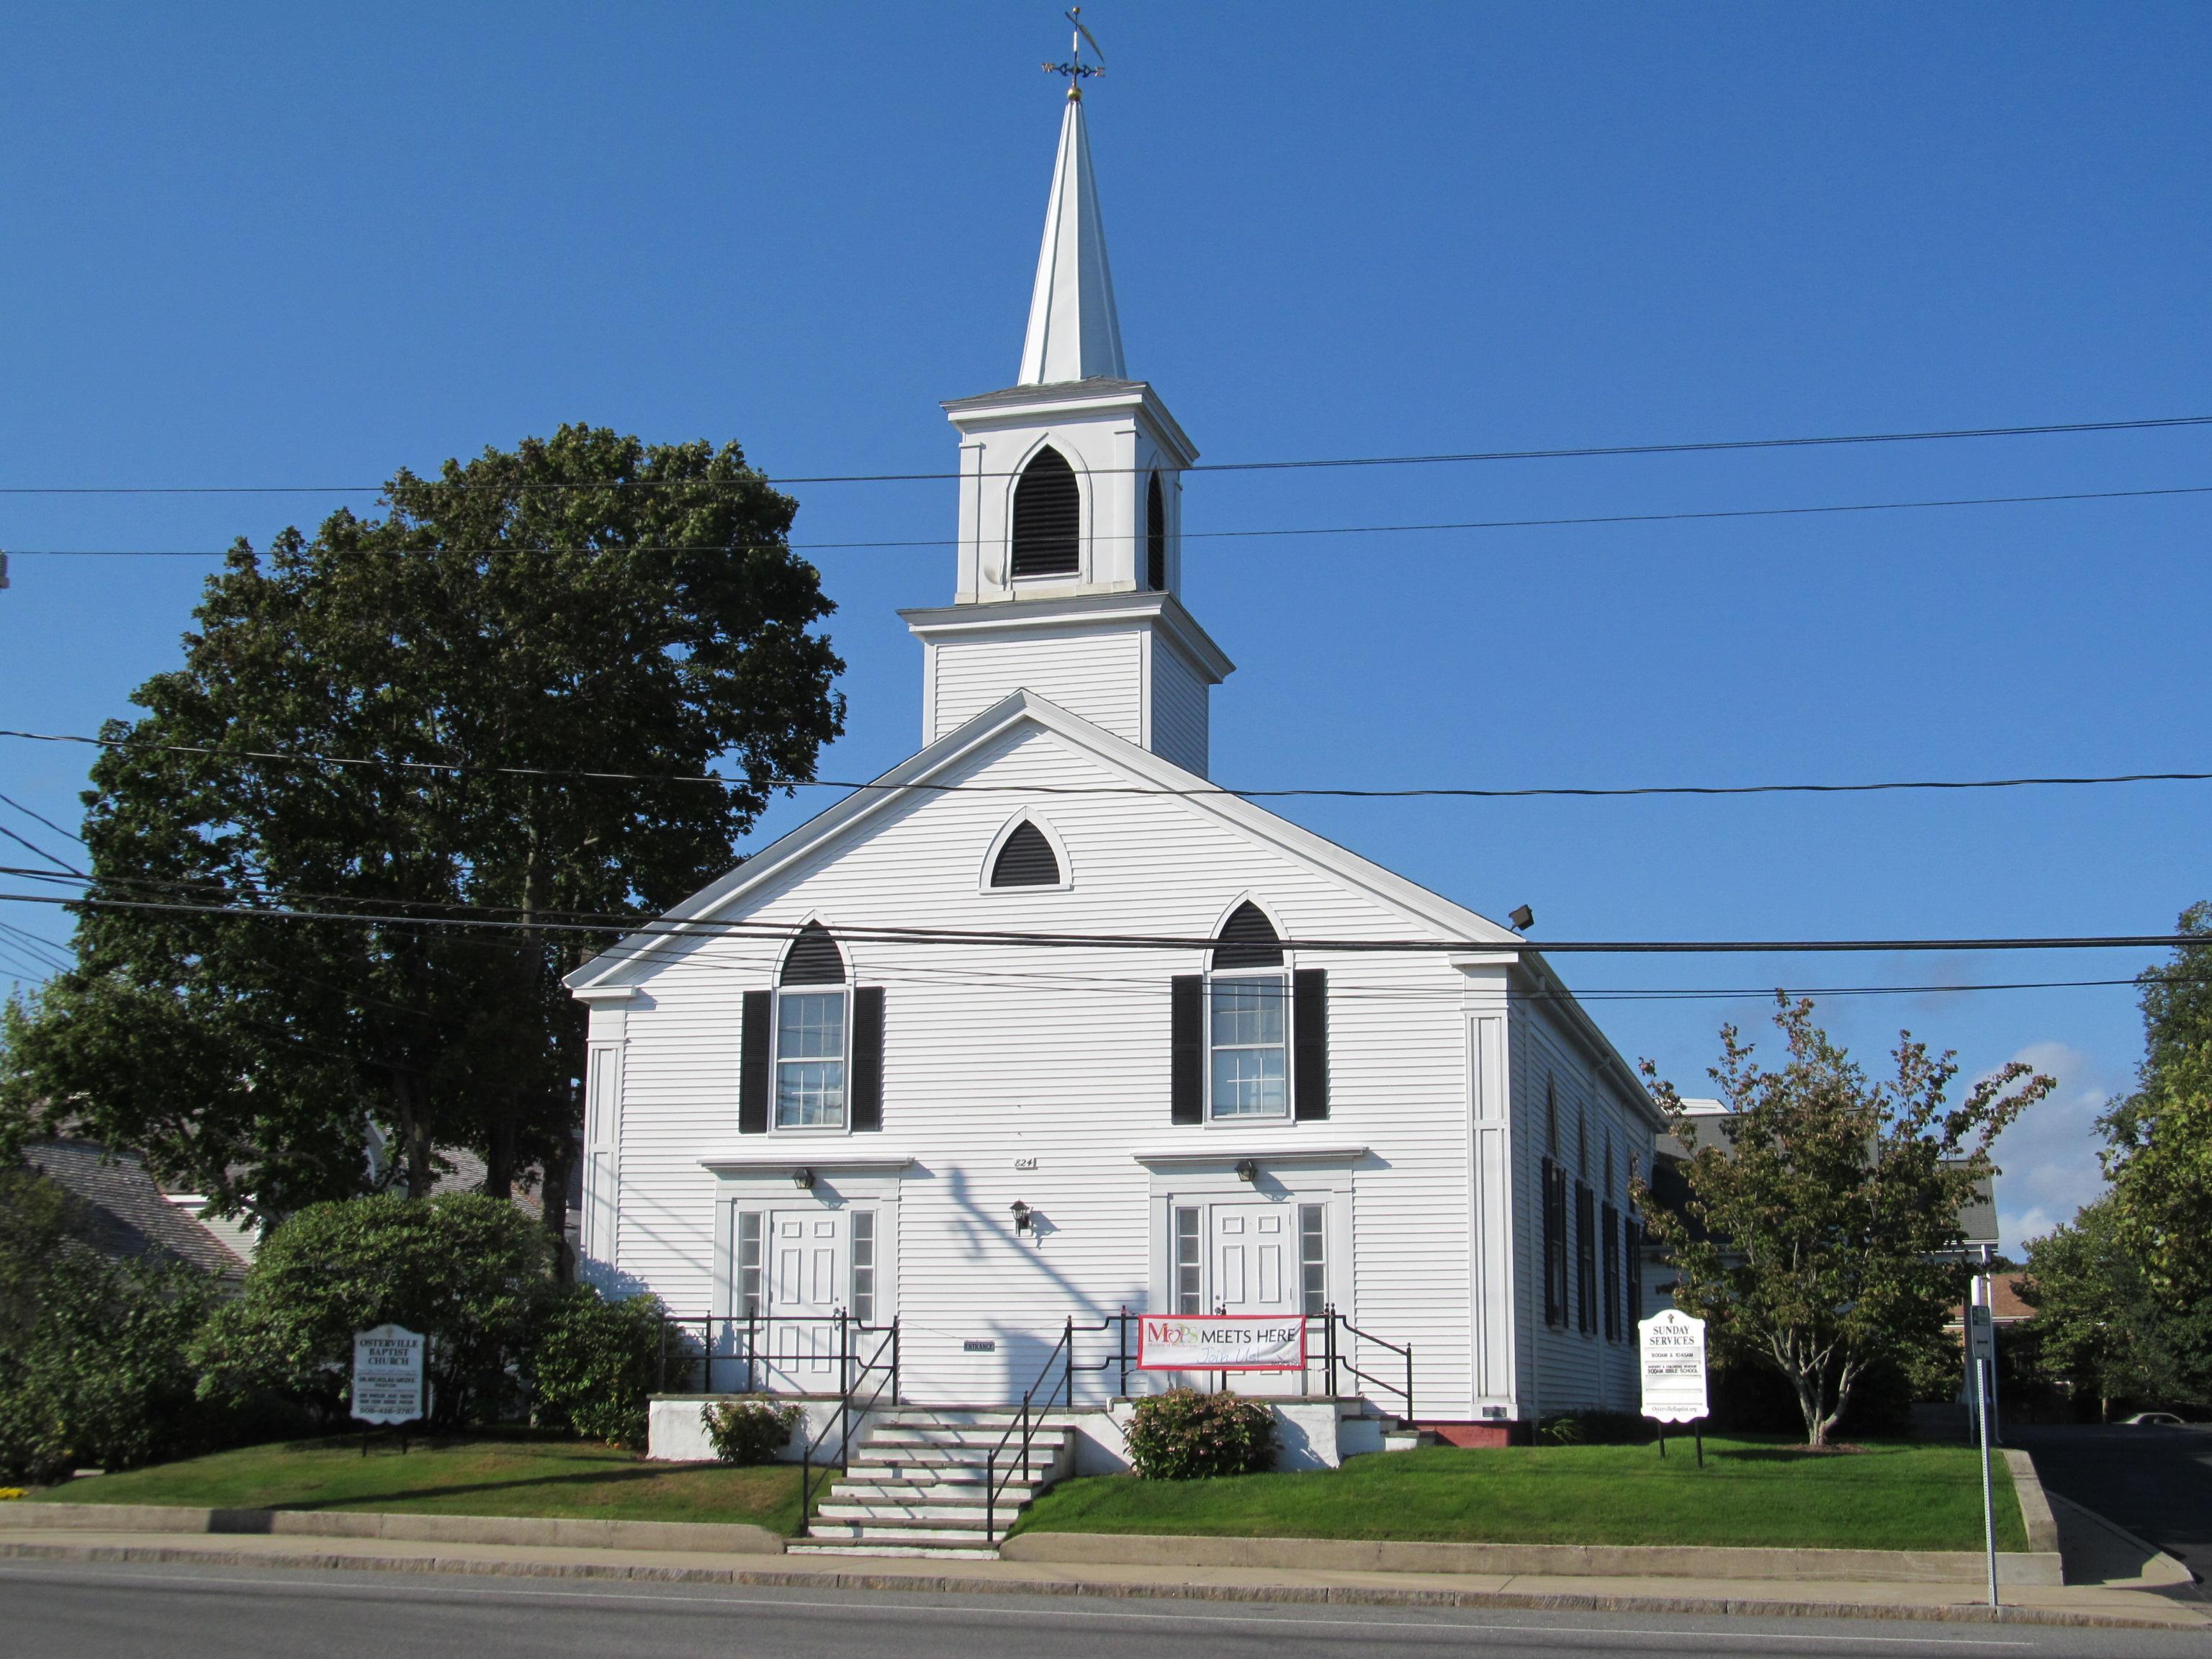 weak leaders make weak churches flourishingchurches